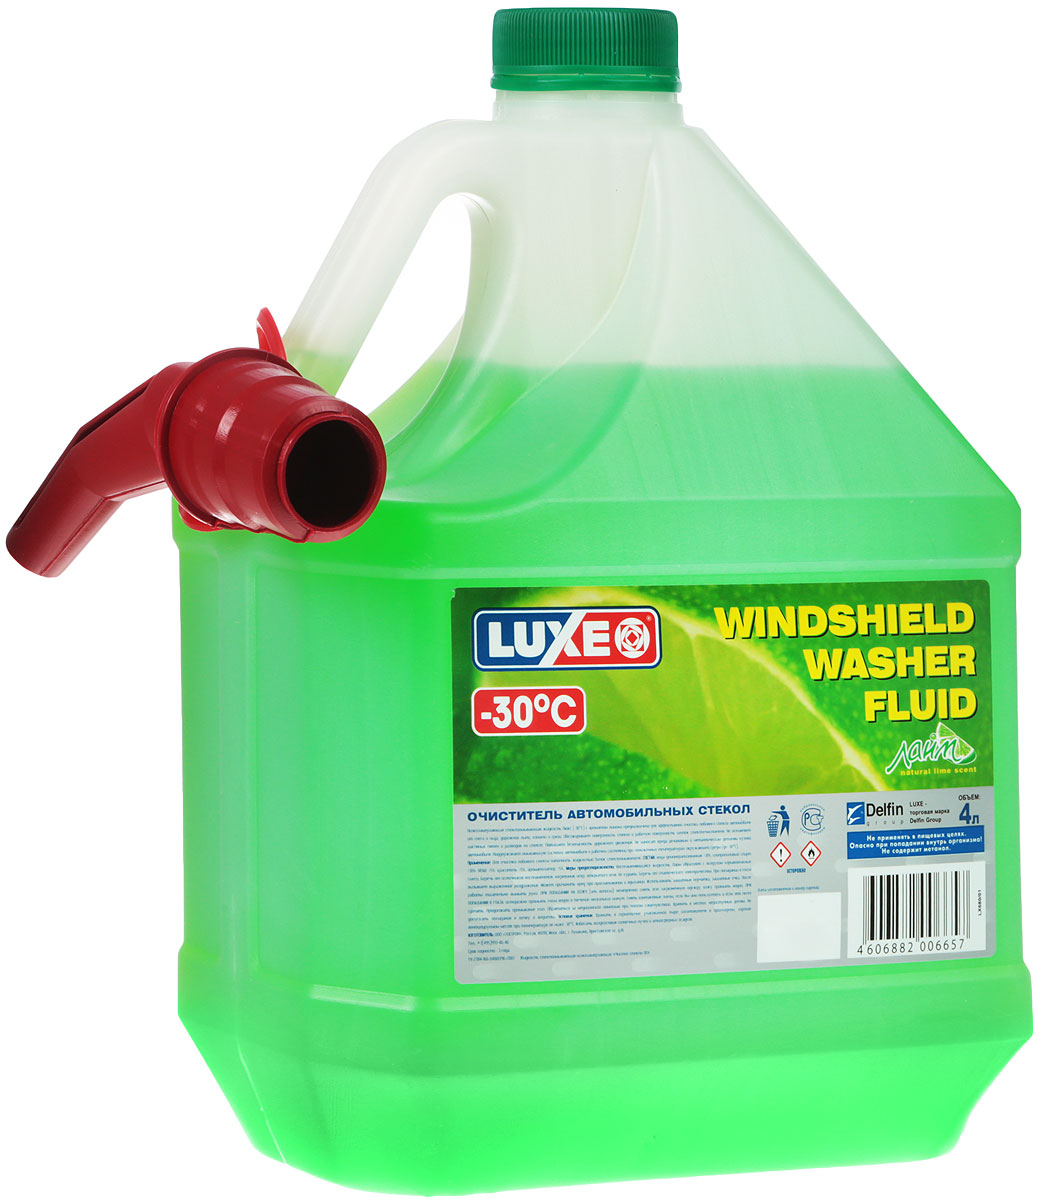 Омыватель стекол LUXE, -30°С, 4 л680Низкозамерзающий омыватель стекол LUXE с ароматом лимона предназначен для эффективной очистки лобового стекла автомобиля от снега и льда, дорожной пыли, копоти и грязи. Обезжиривает поверхность стекол и рабочую поверхность щеток стеклоочистителя. Не оставляет масляных пятен и разводов на стекле. Повышает безопасность дорожного движения. Не наносит вреда резиновым и металлическим деталям кузова автомобиля. Поддерживает омывающую систему автомобиля в рабочем состоянии при пониженных температурах окружающей среды (до -30°С). Чистящая способность по стеклу: не менее 85%. Температура кристаллизации не выше: -30°С.